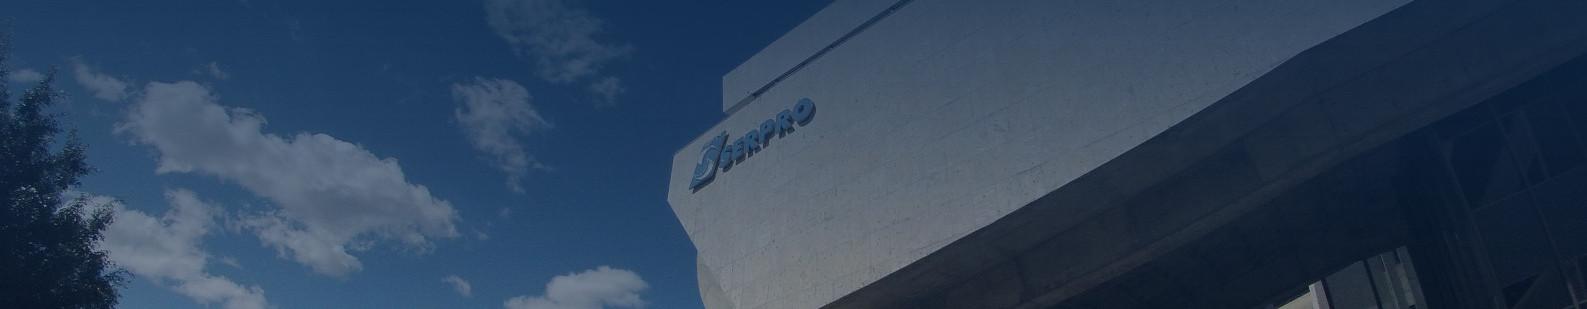 https://www.serpro.gov.br/es/acerca-de-serpro